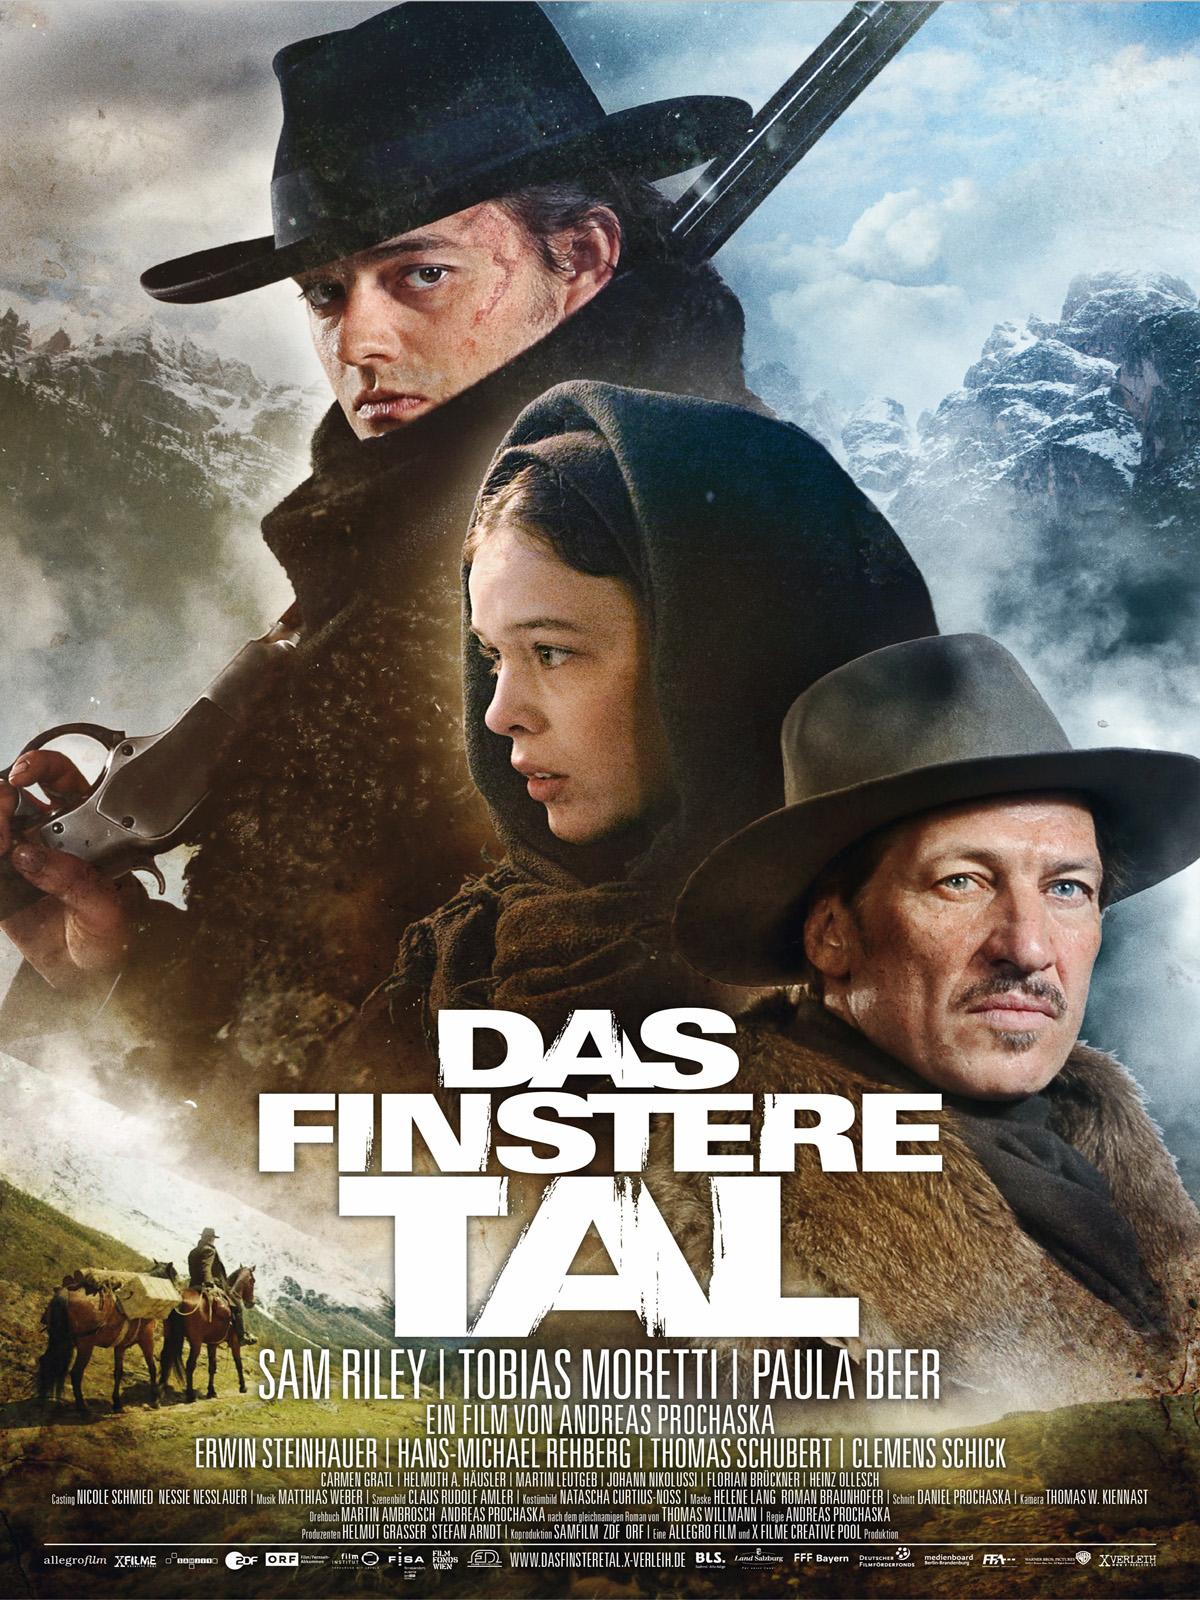 Filmtipp - Das finstere Tal - Filmtipps.tv